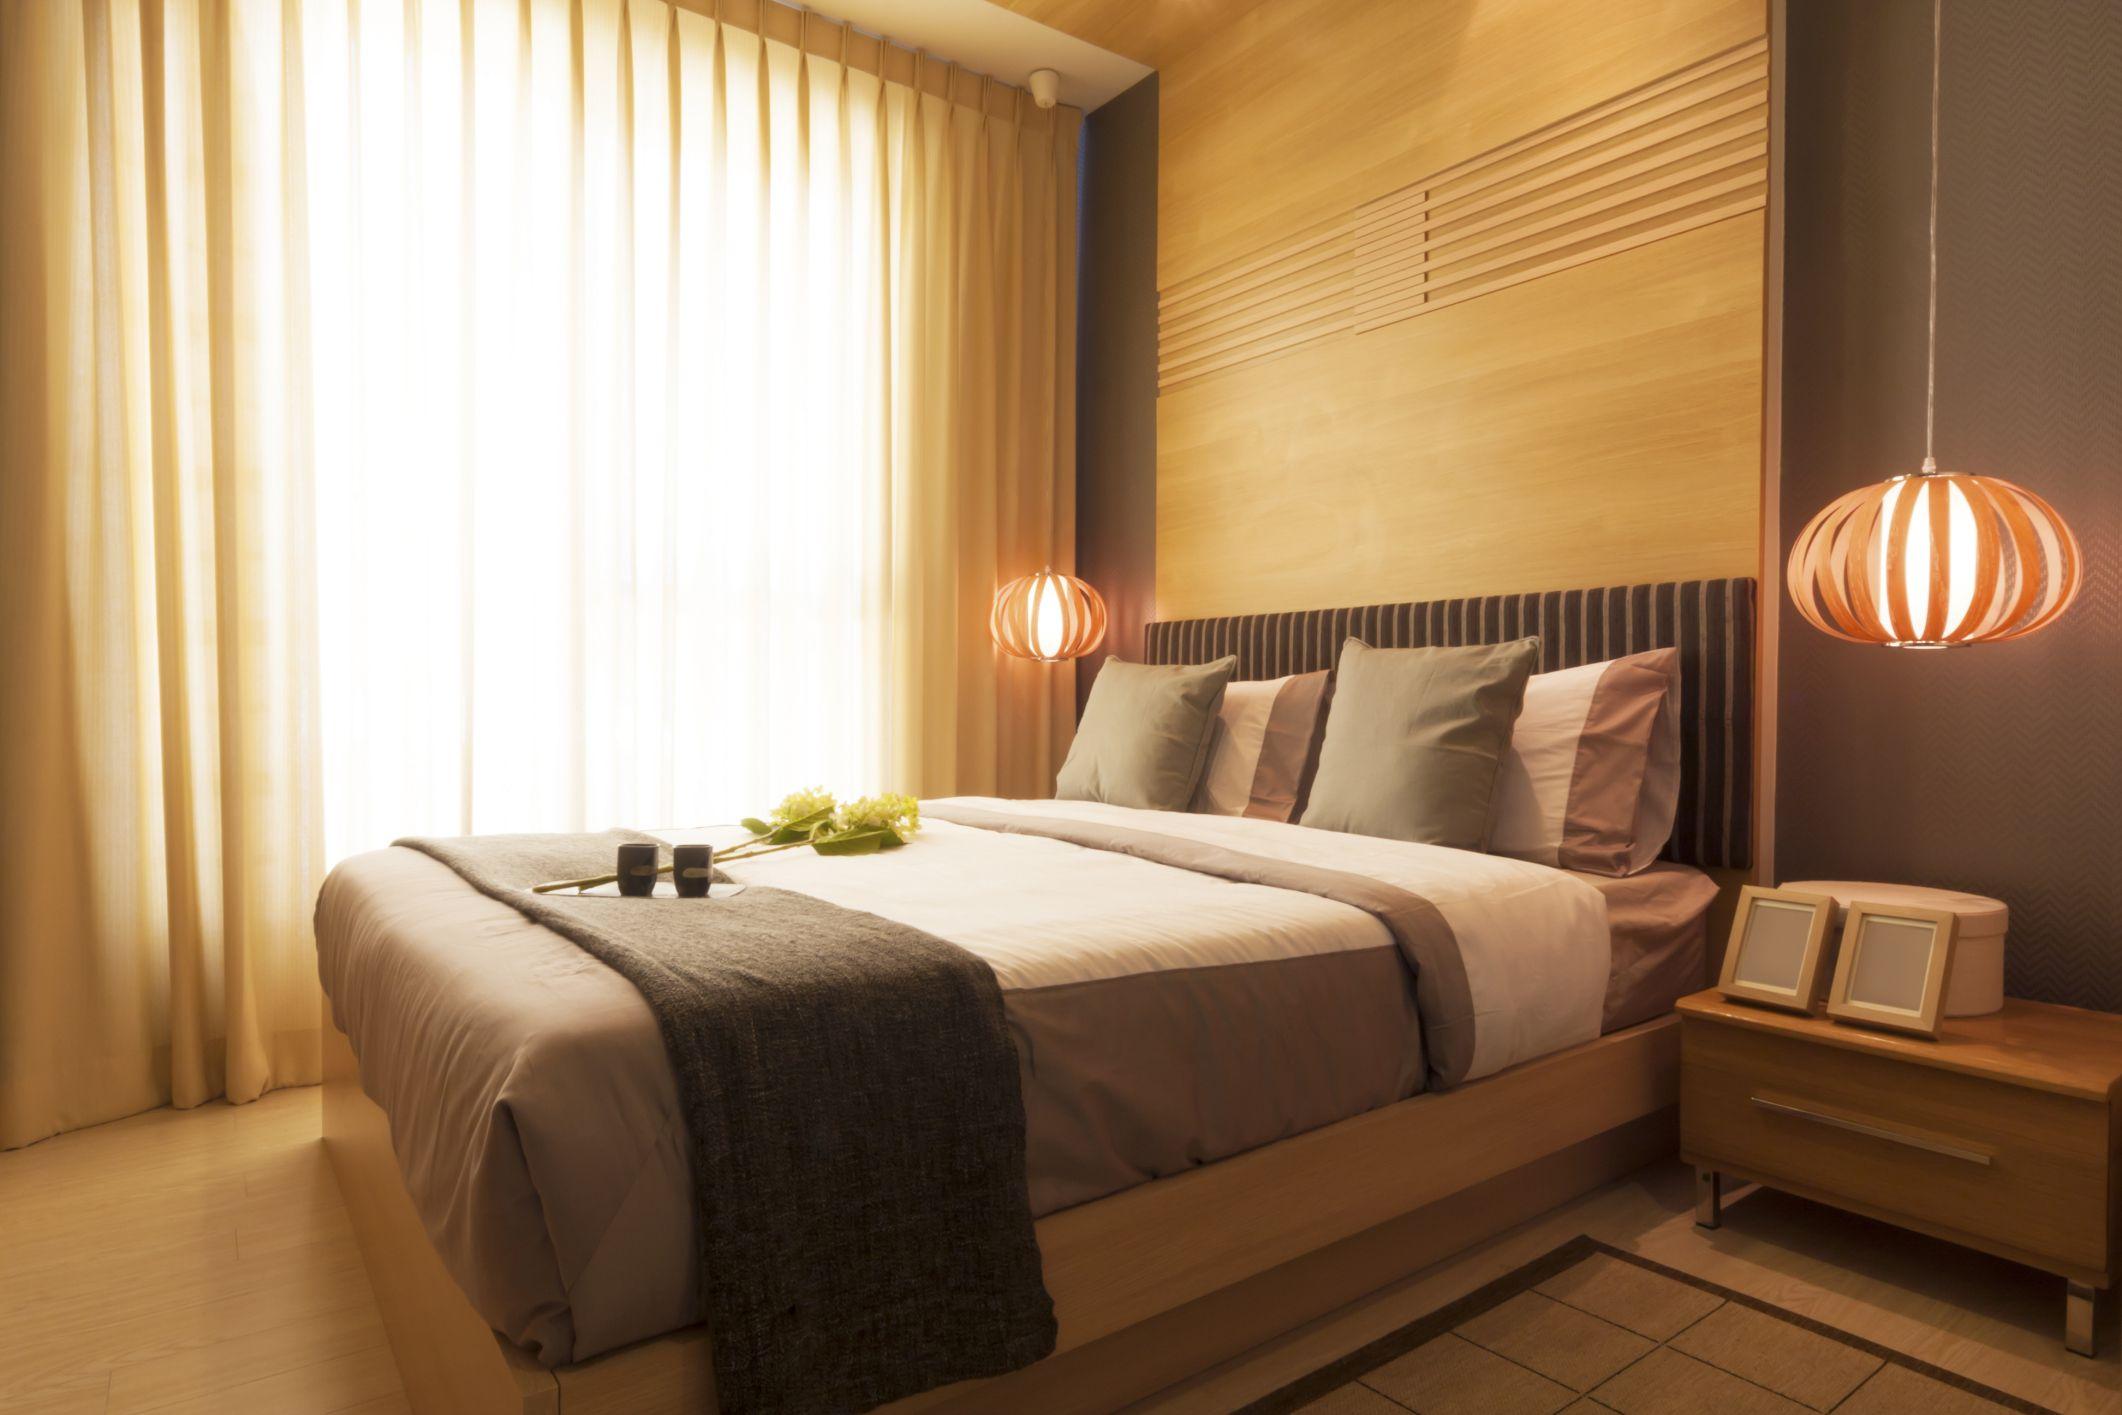 How to Make a Zen Bedroom on a Budget Zen bedroom